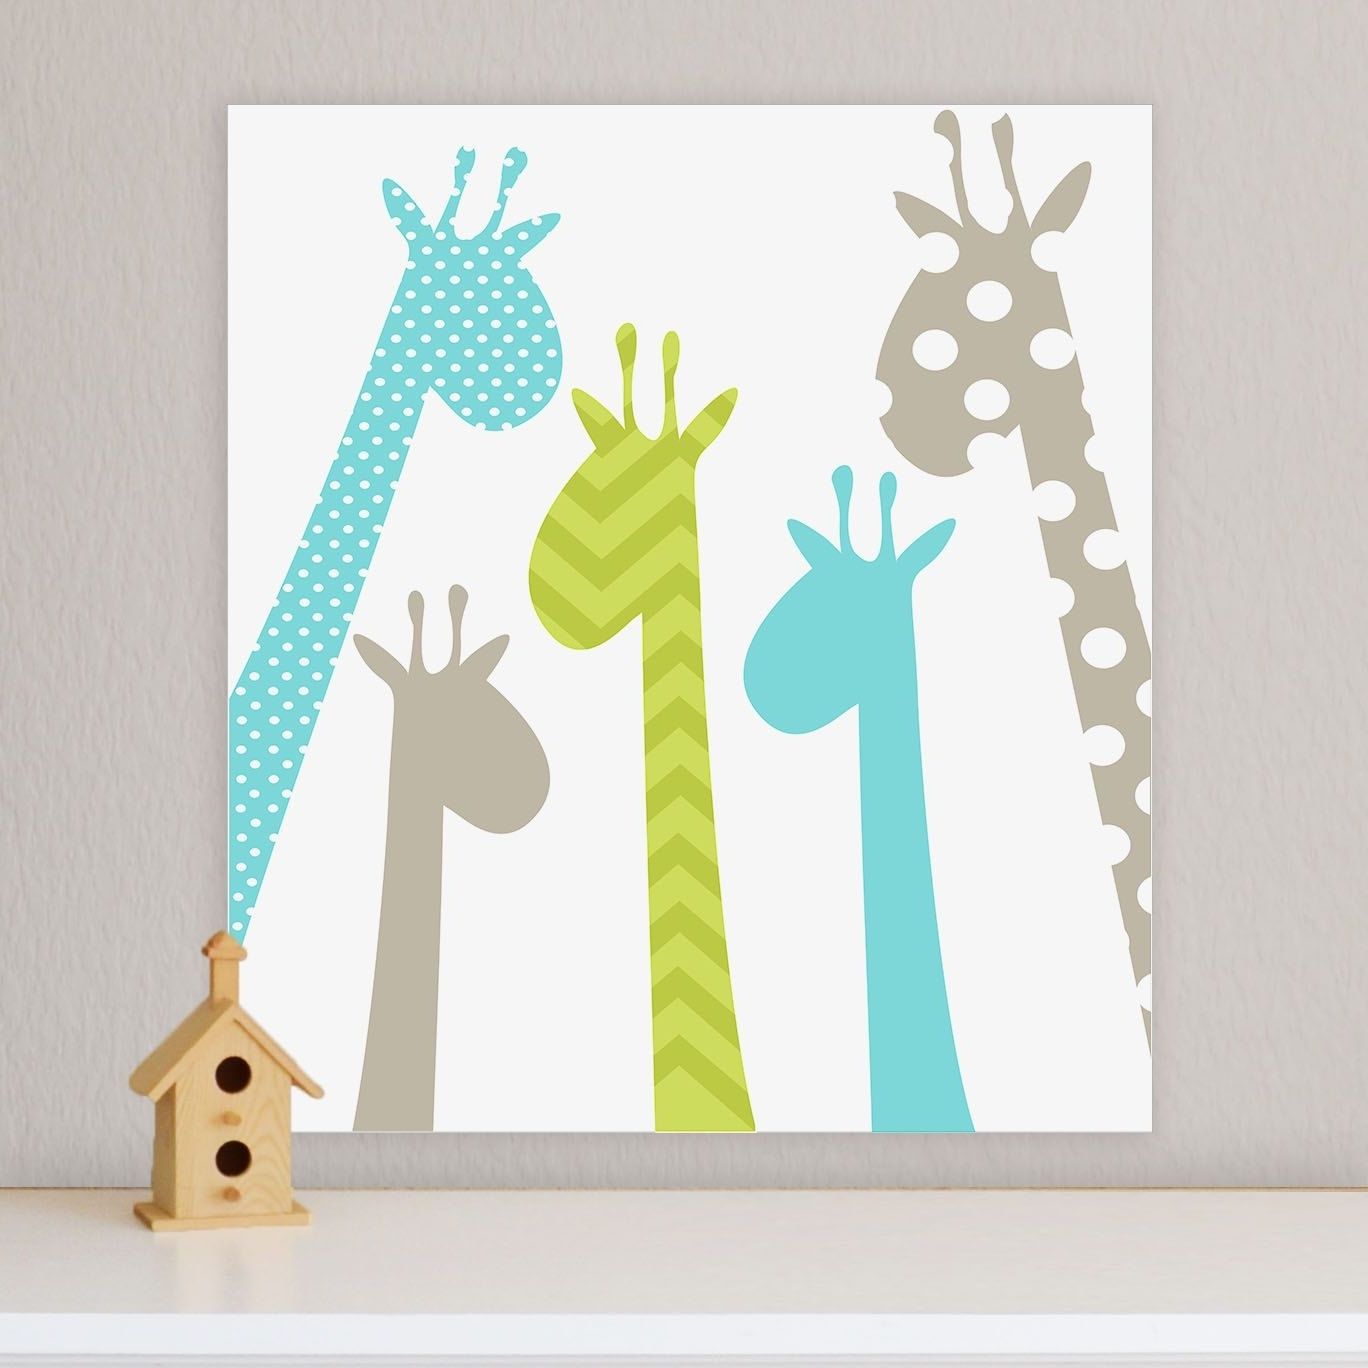 Famous Giraffe, Children's Wall Art, Nursery Wall Art, Giraffe Nursery Intended For Giraffe Canvas Wall Art (View 5 of 15)